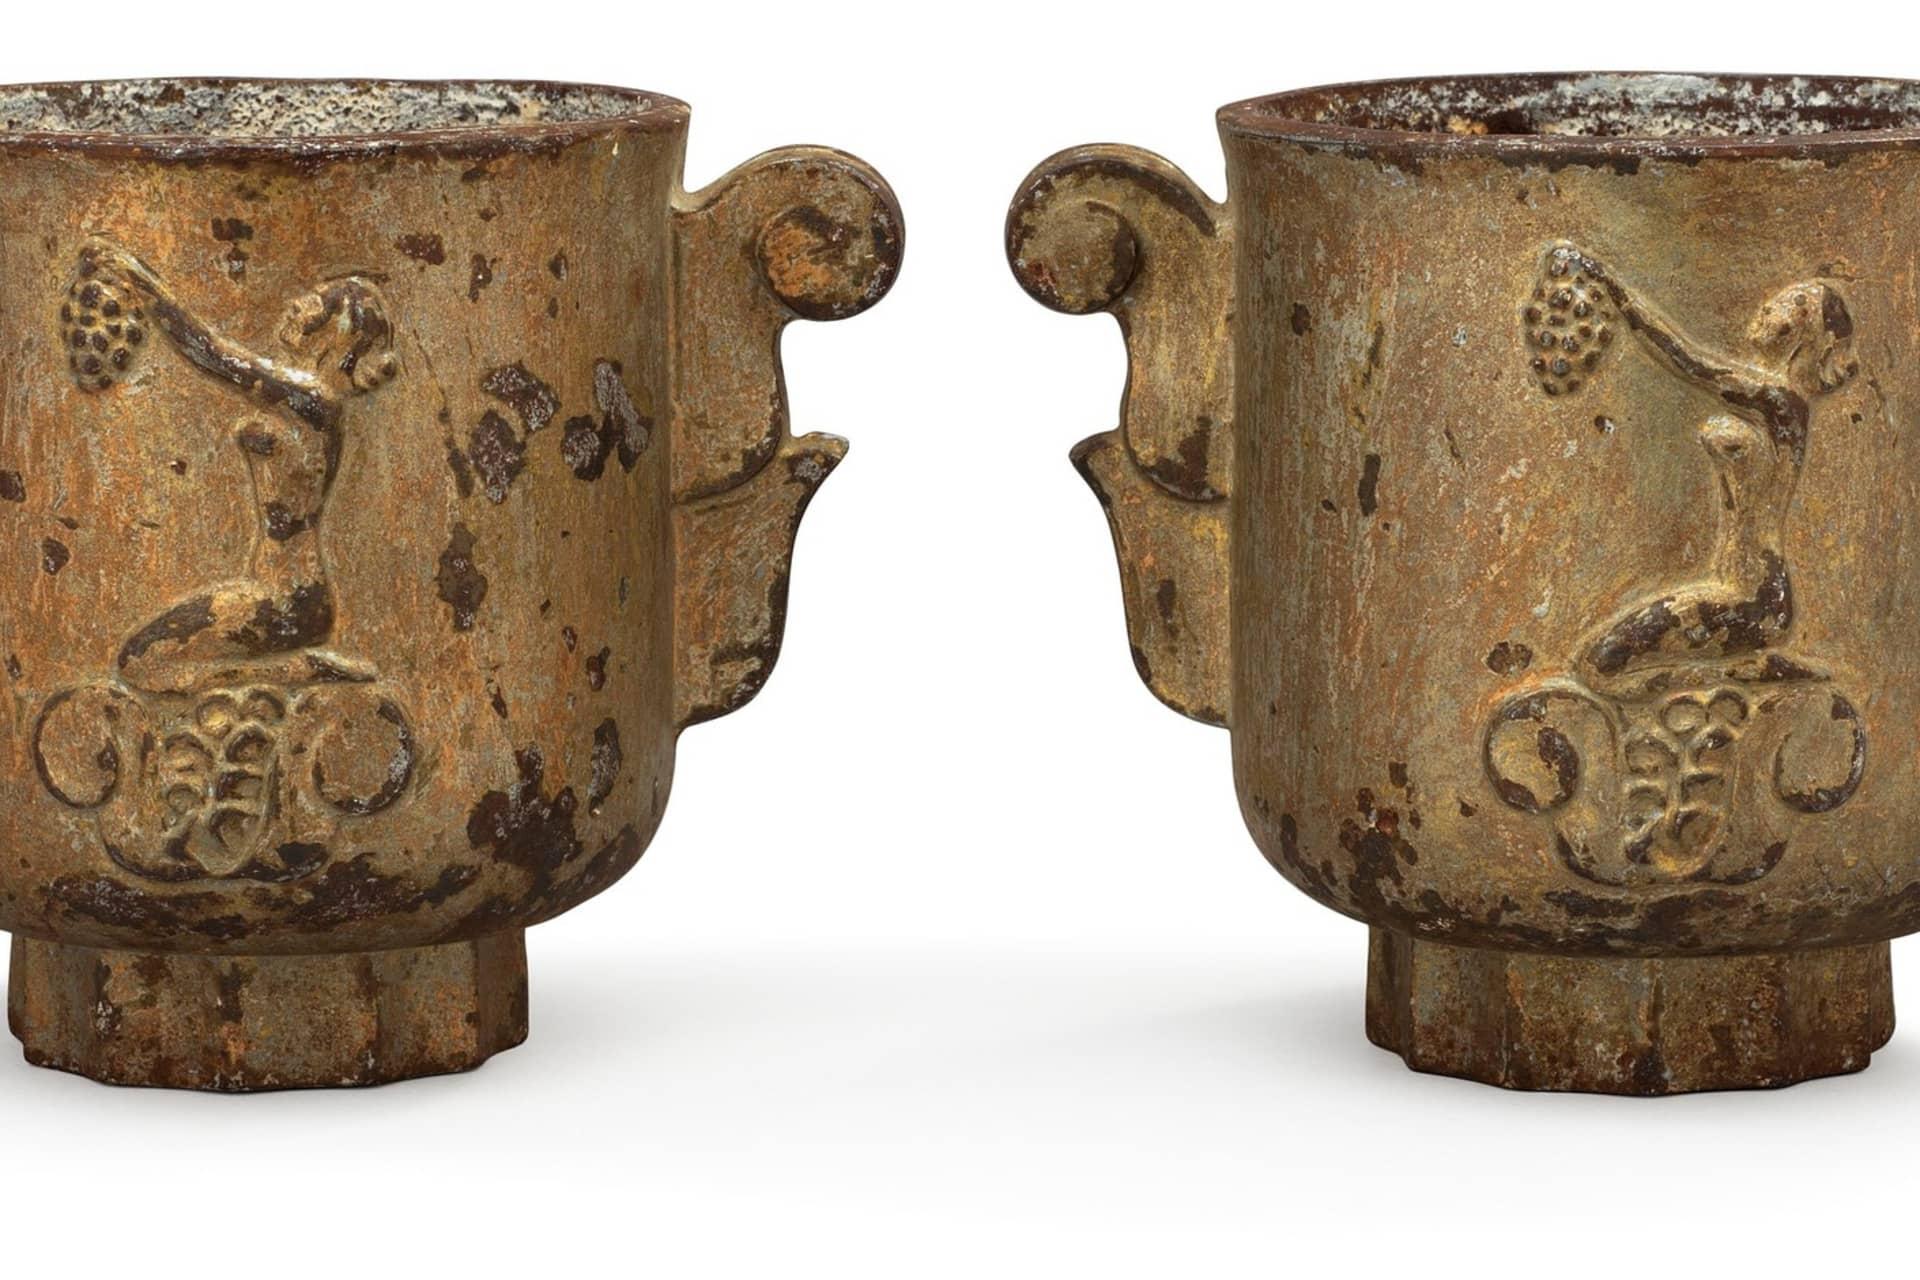 Ibland bronserades gjutjärnet för att de skulle få ett annat utseende. Dessa urnor är tillverkade på Näfveqvarn och designade av en okänd formgivare. De såldes på Bukowskis Moderna.